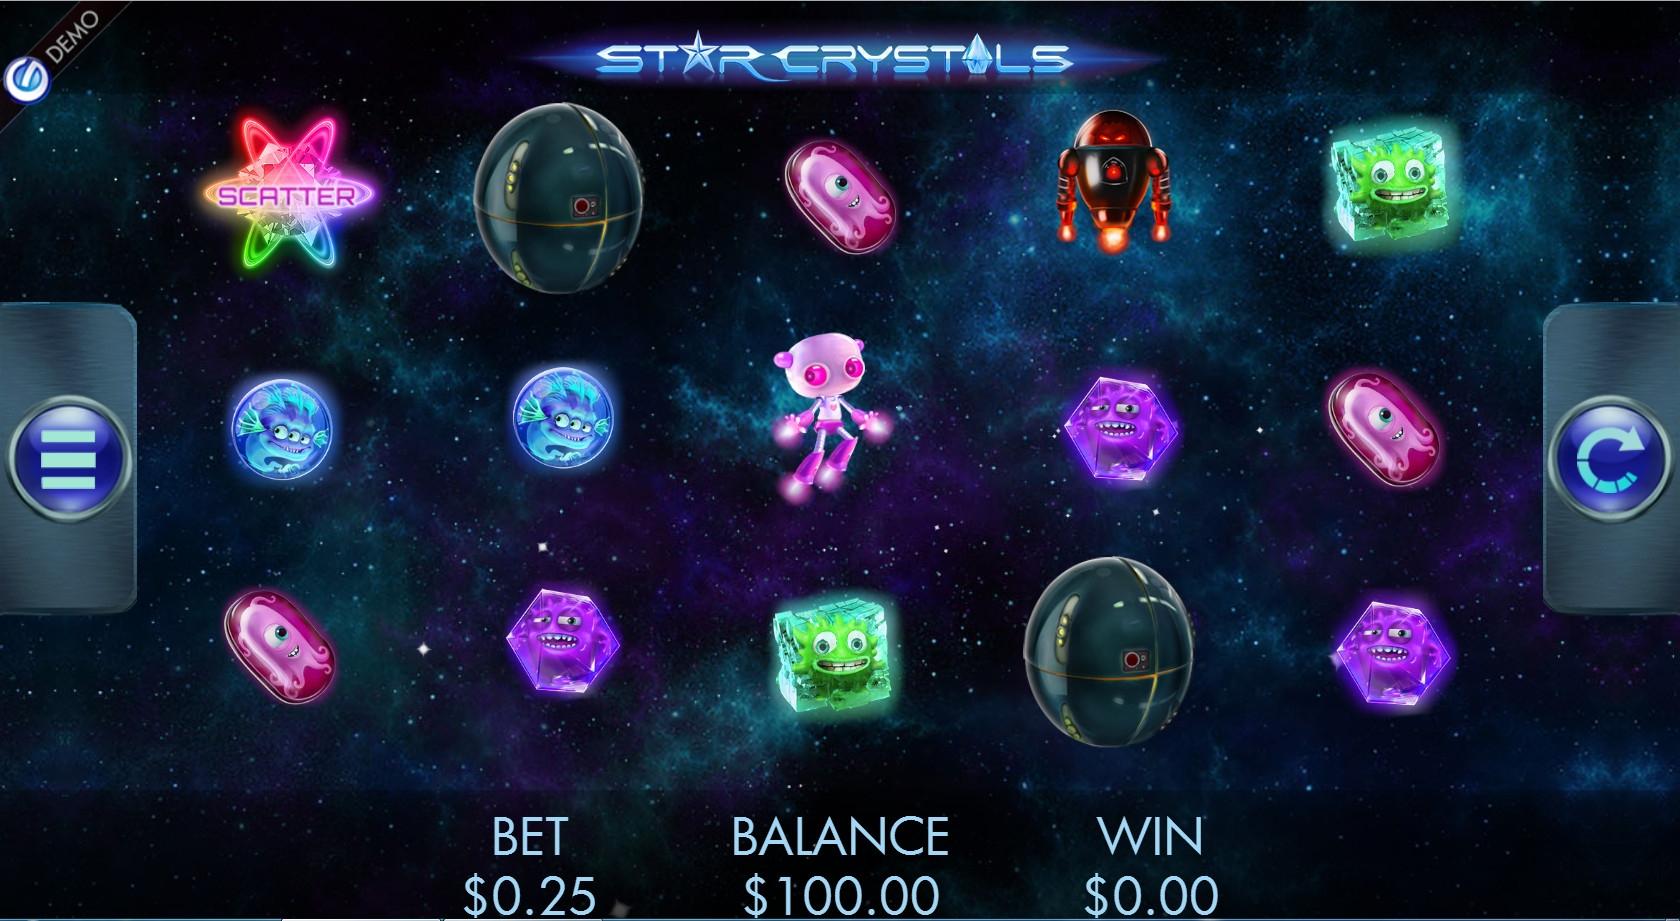 Star crystals звездные кристалы игровой автомат ставок